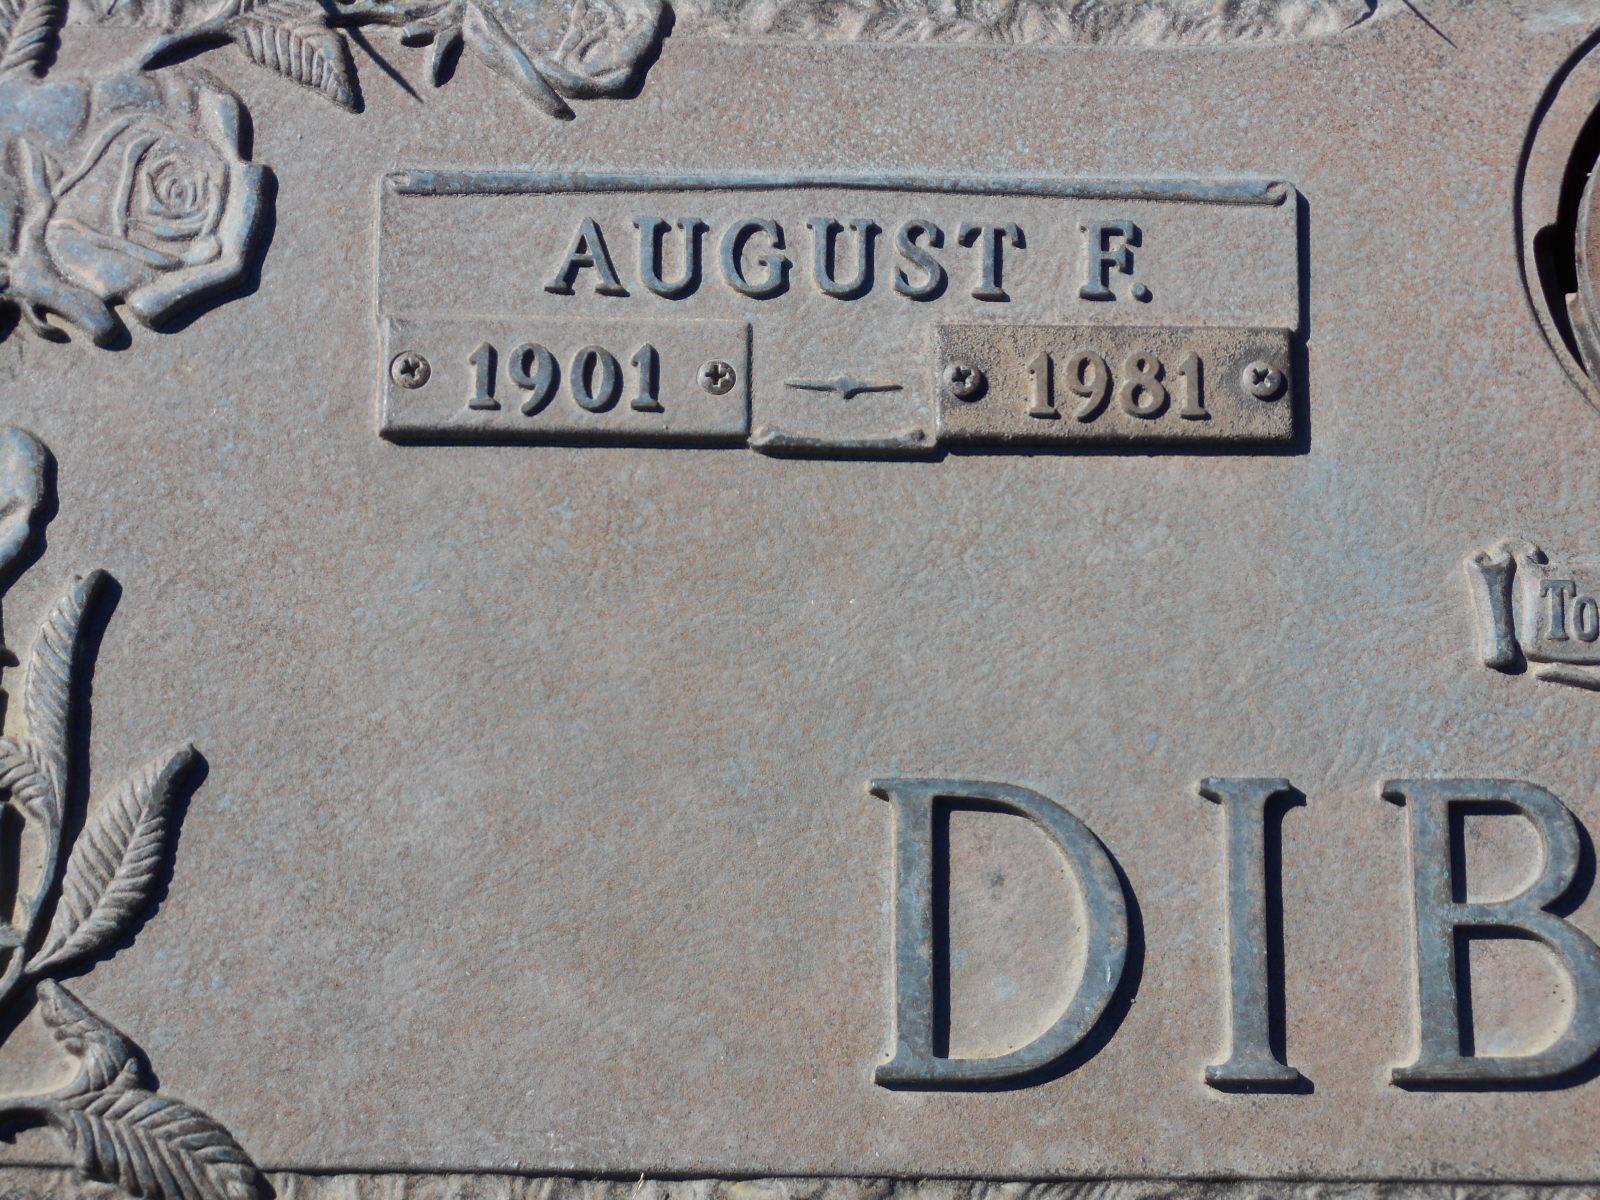 August Frederick Dibbert